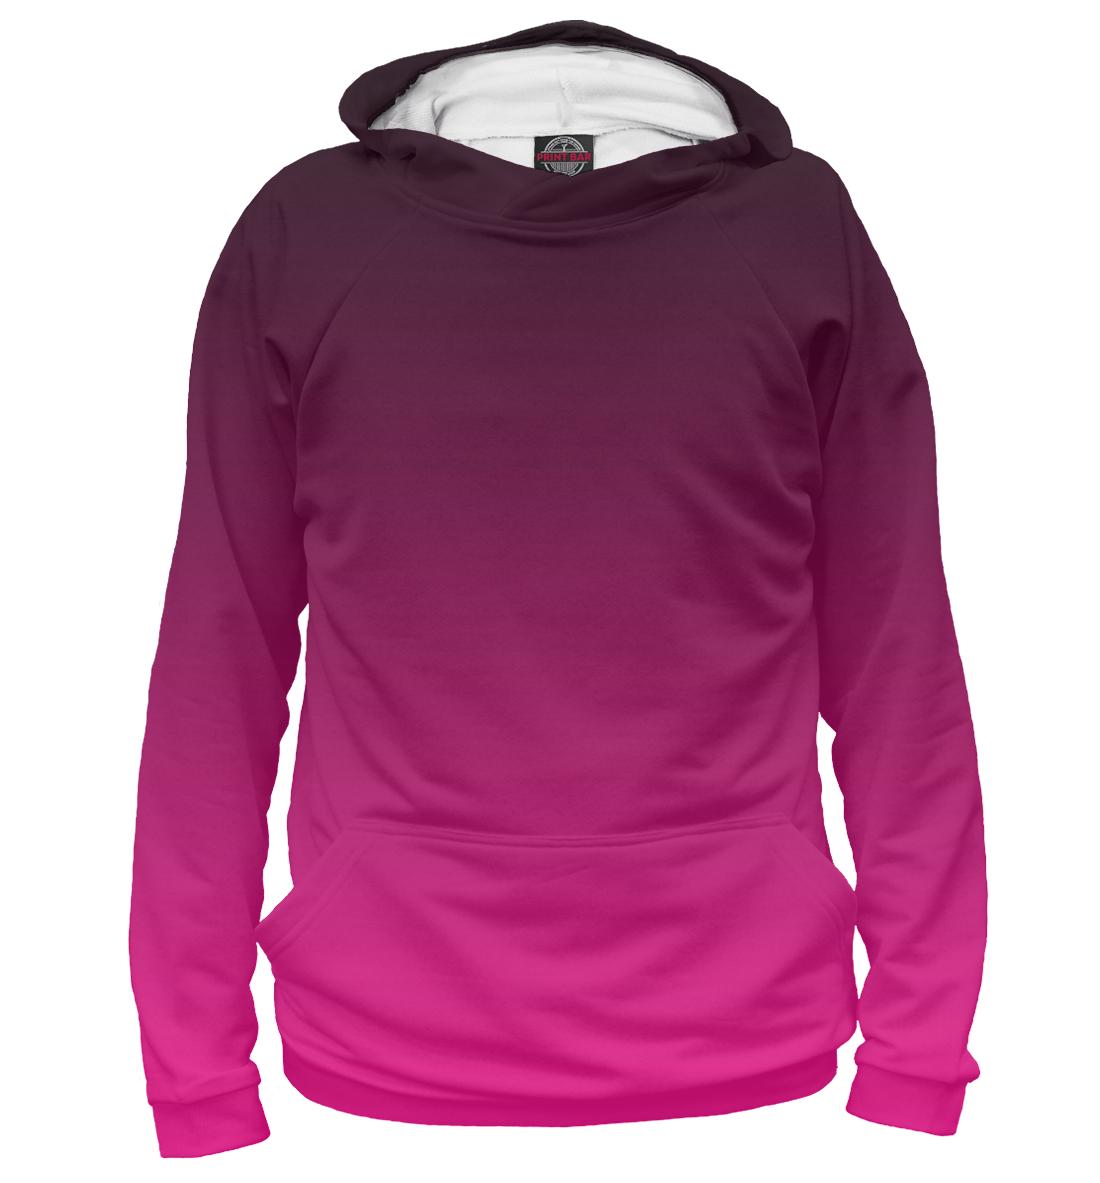 Купить Градиент Розовый в Черный, Printbar, Худи, CLR-560218-hud-1